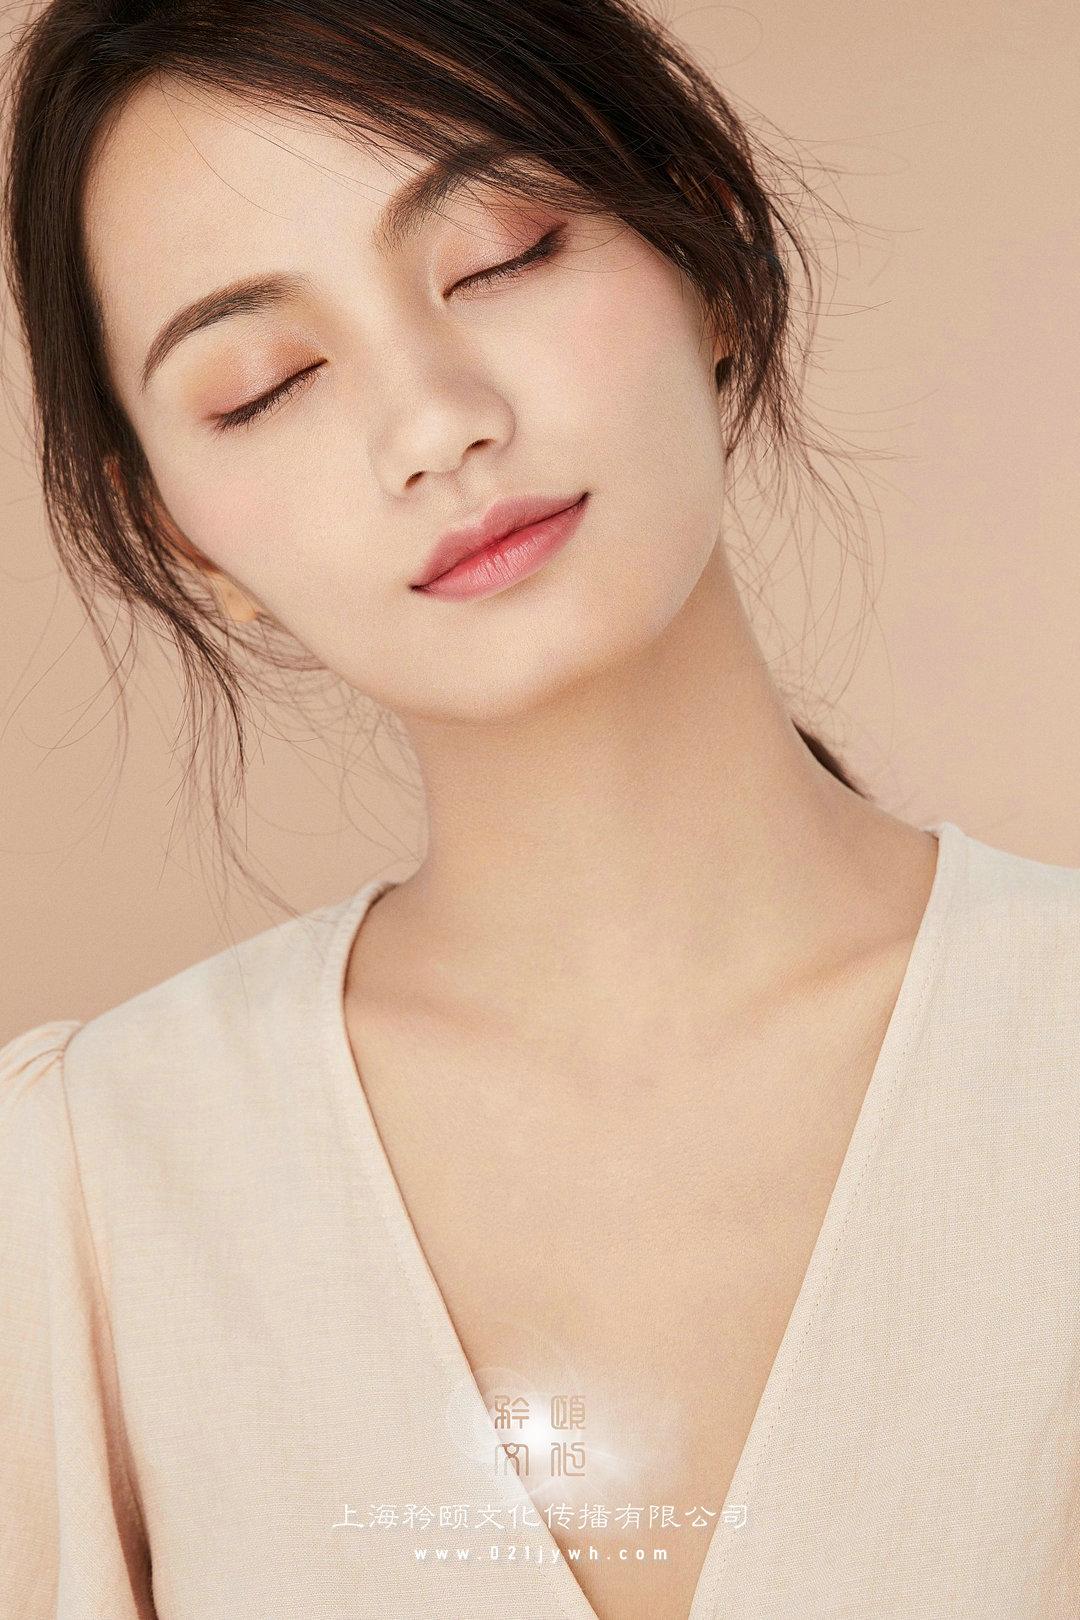 上海平面模特公司